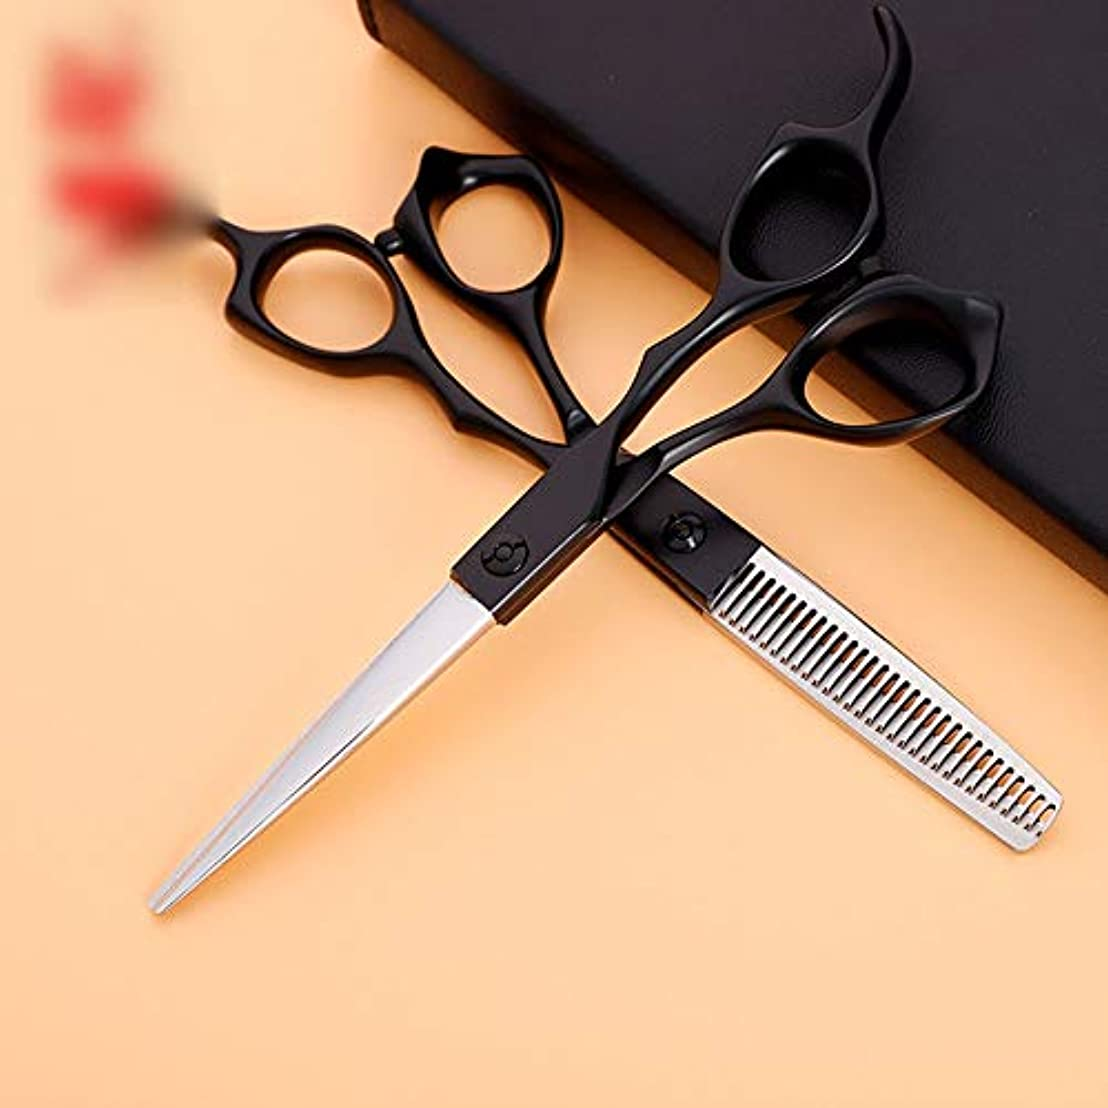 TAKAYAMA 6インチ美容院プロの理髪セット、家庭用ヘアカットツール (色 : 黒)